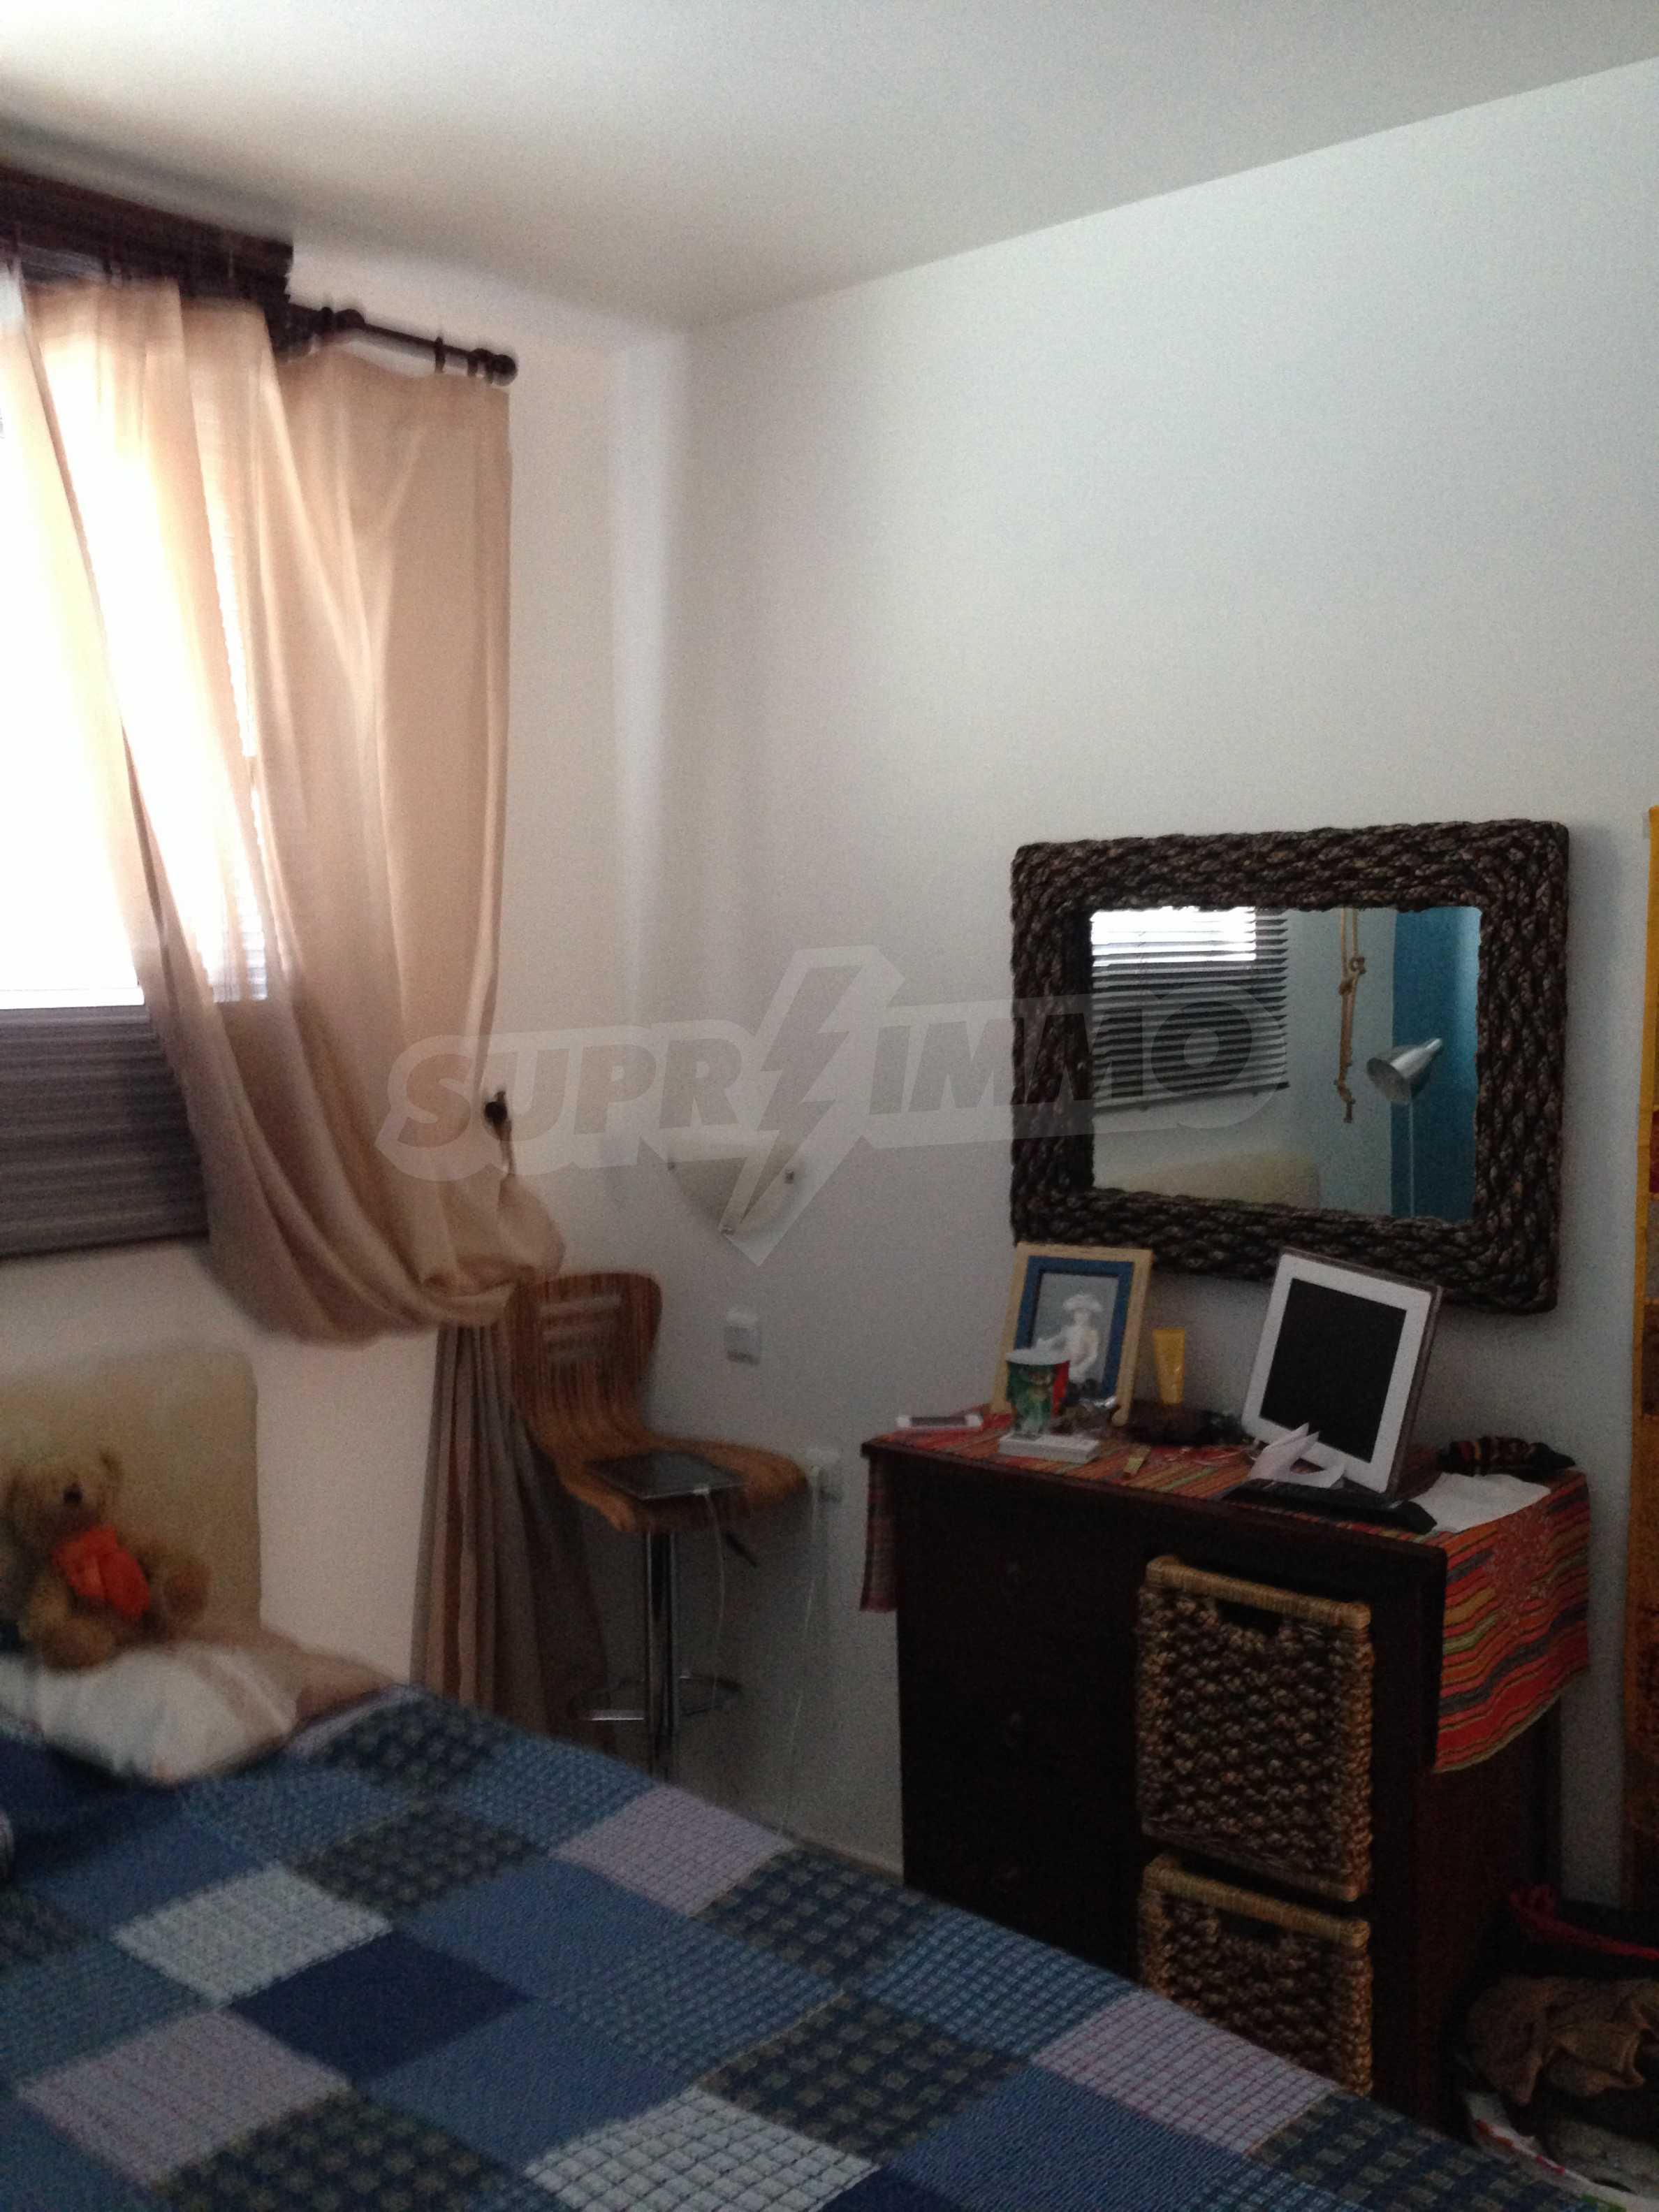 Apartment mit 1 Schlafzimmer in der Nähe von Sonnenstrand 6